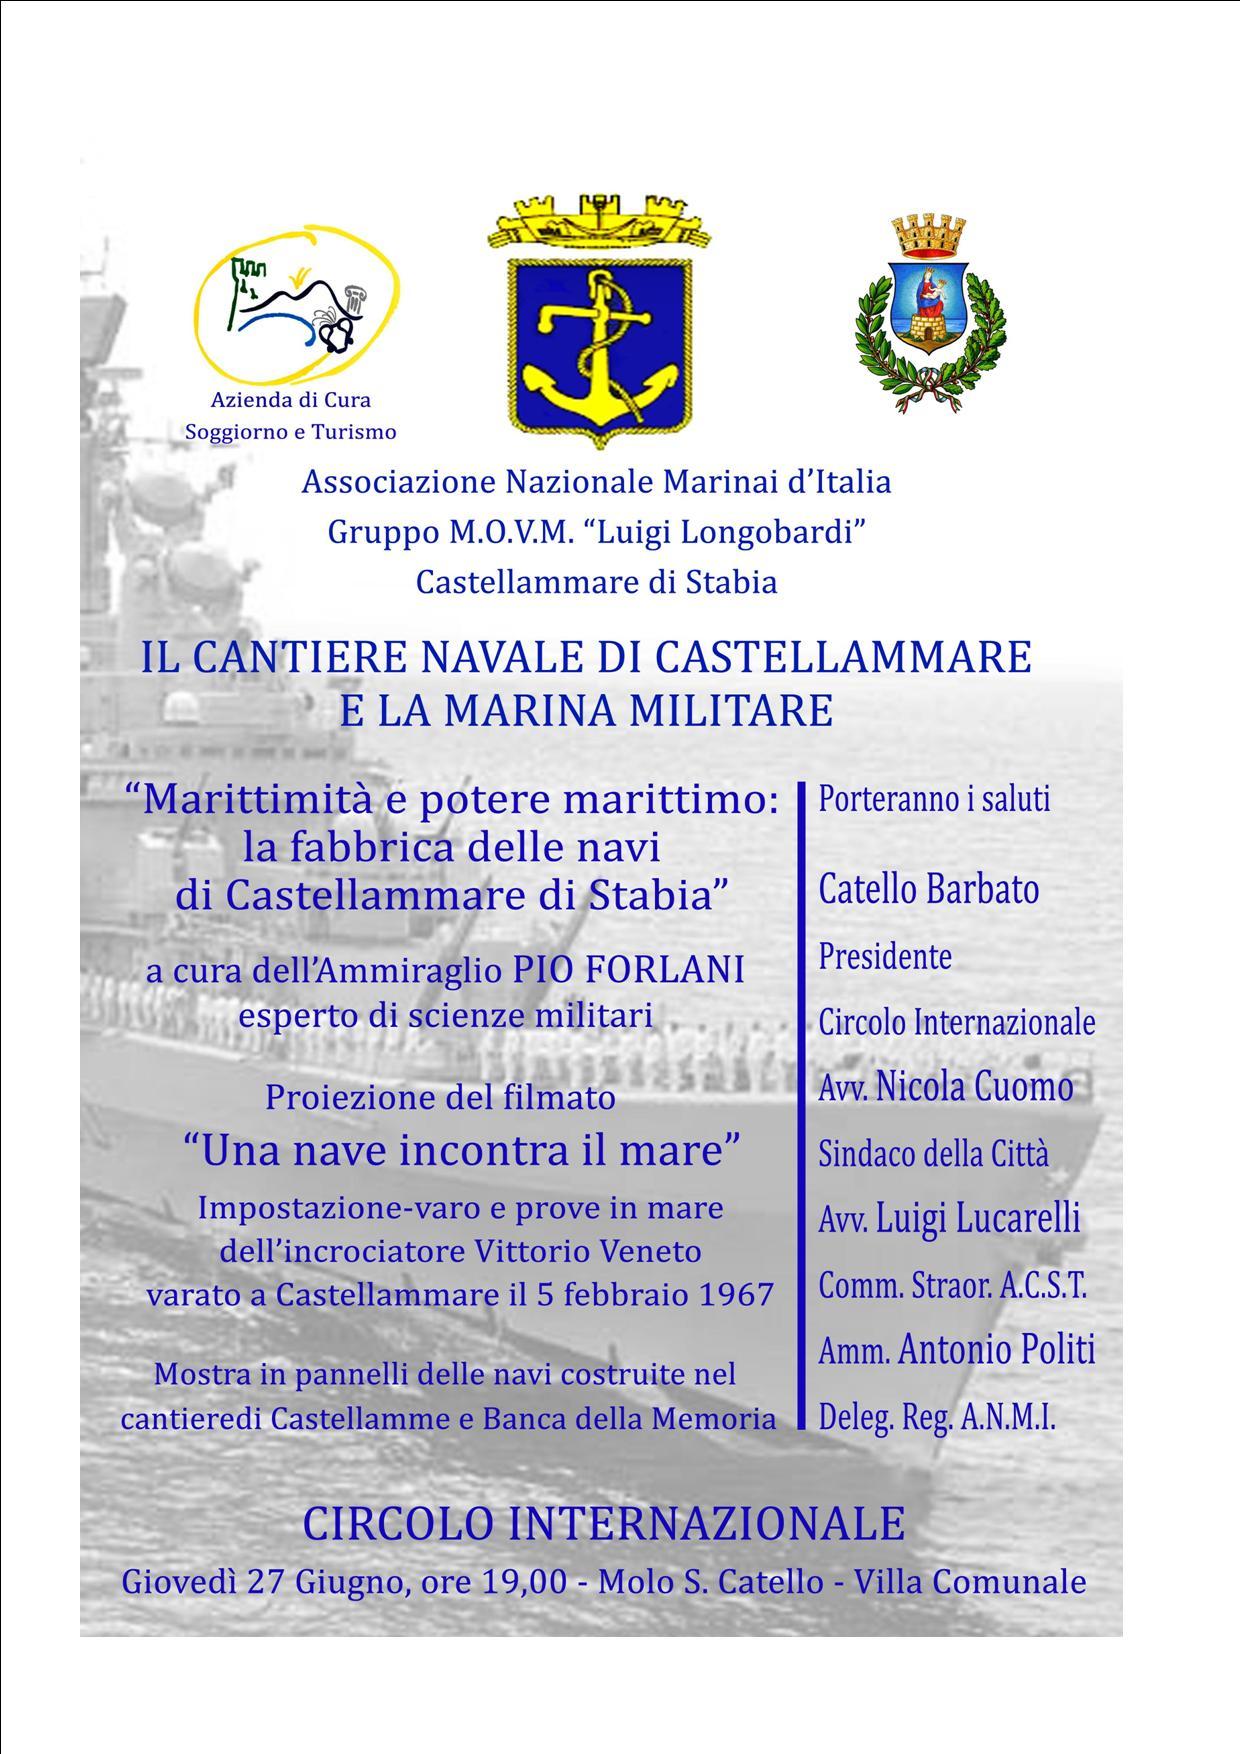 http://www.leganavalestabia.it/immagini_articoli/miniature/11371750985.jpg